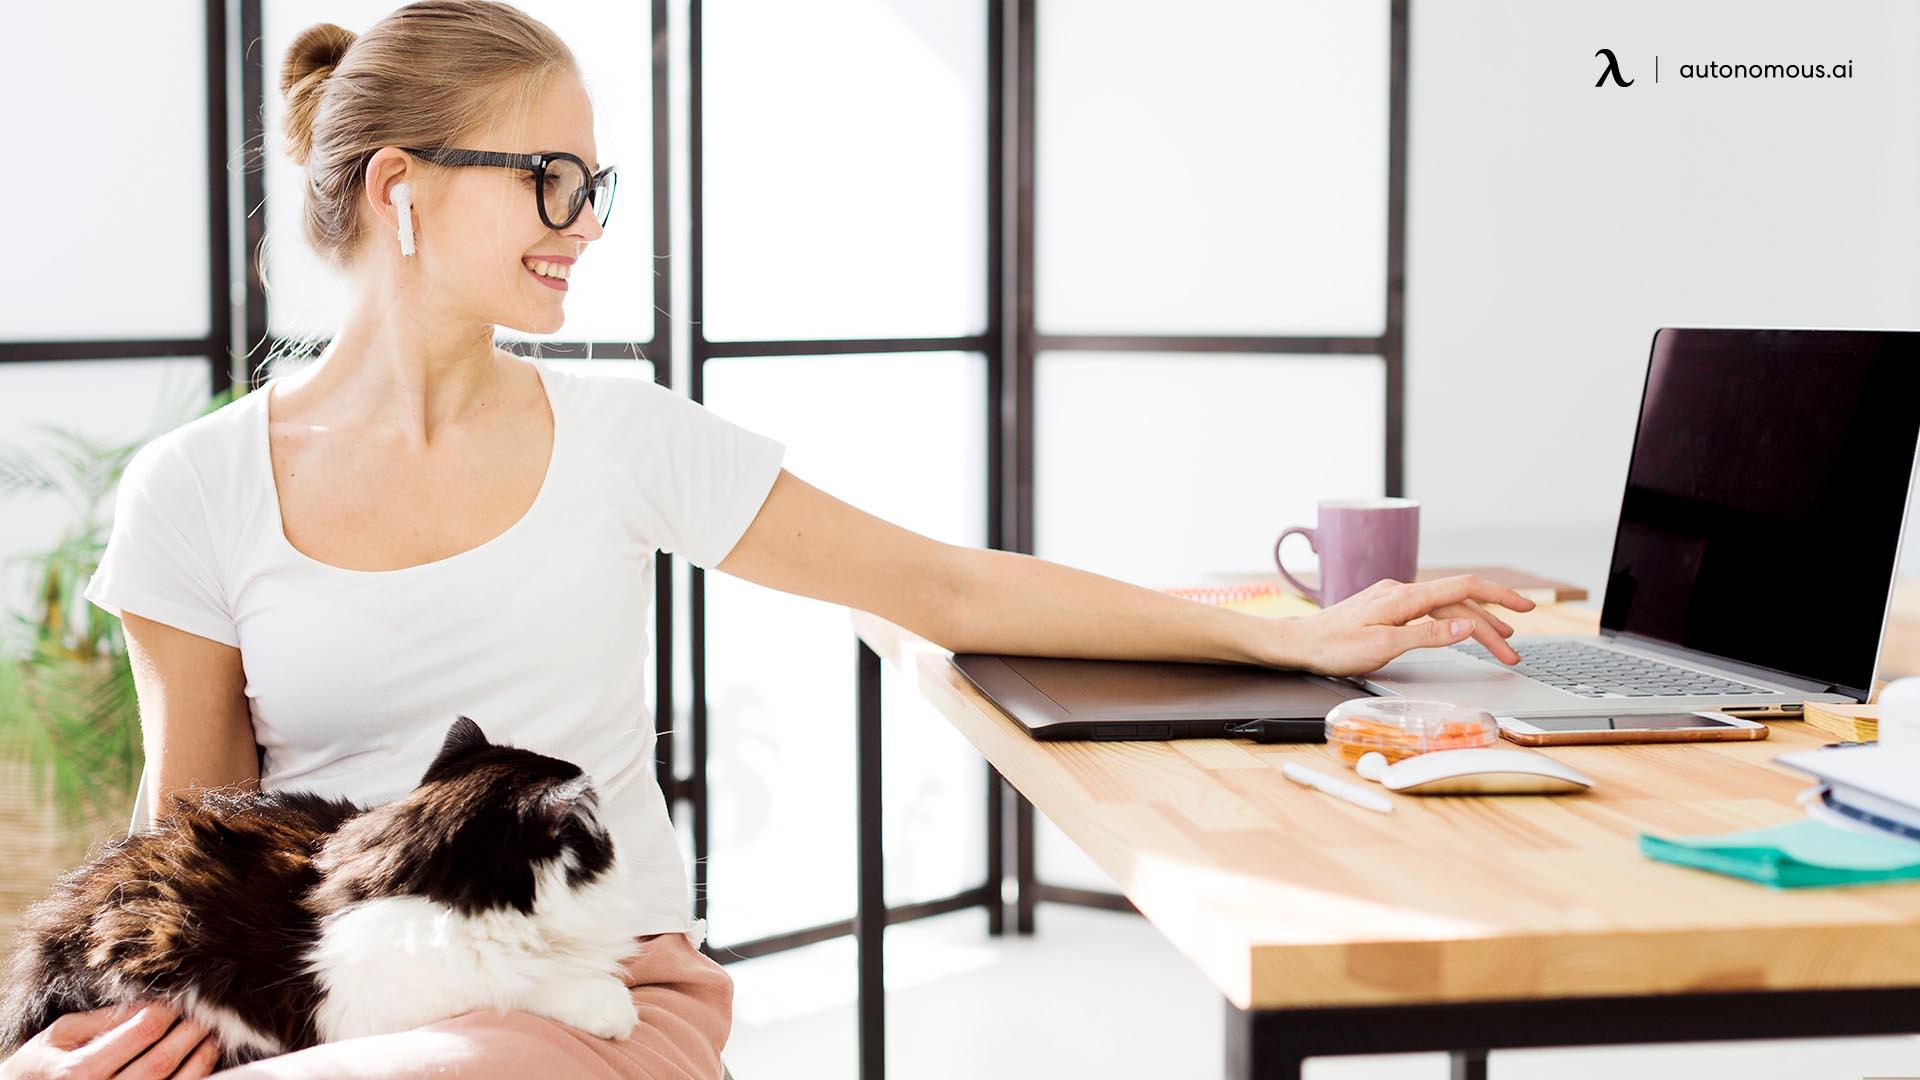 Focus on employee comfort